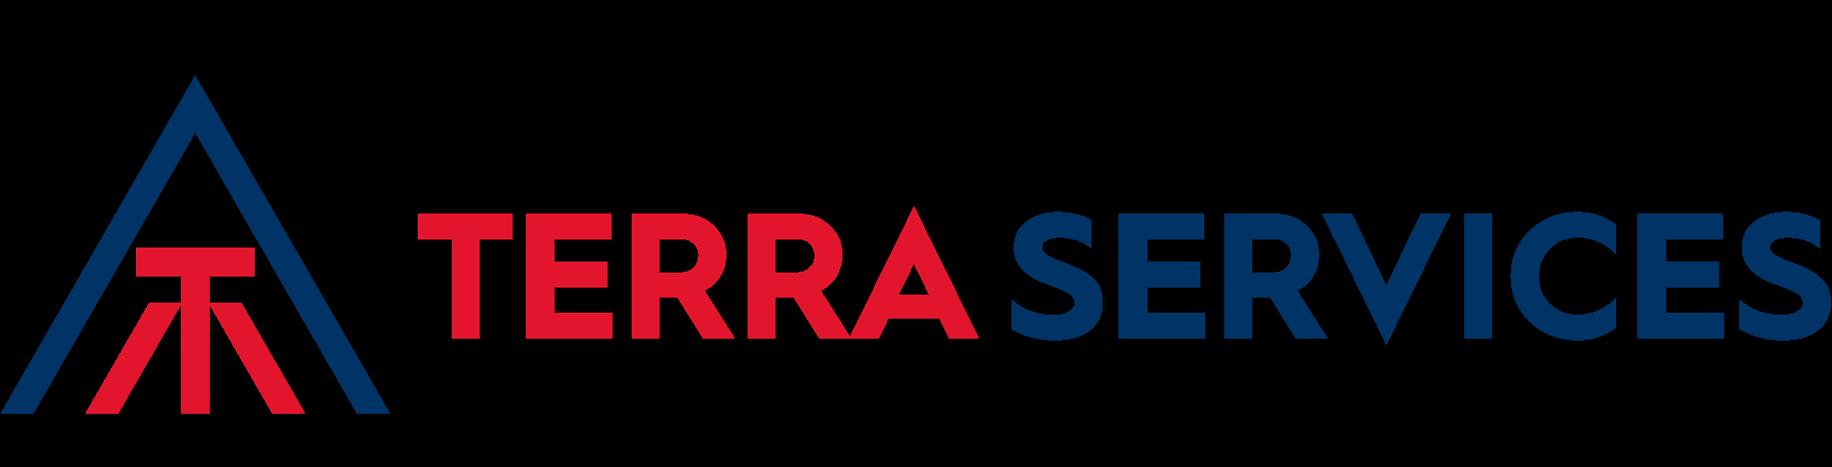 Terra Services Co